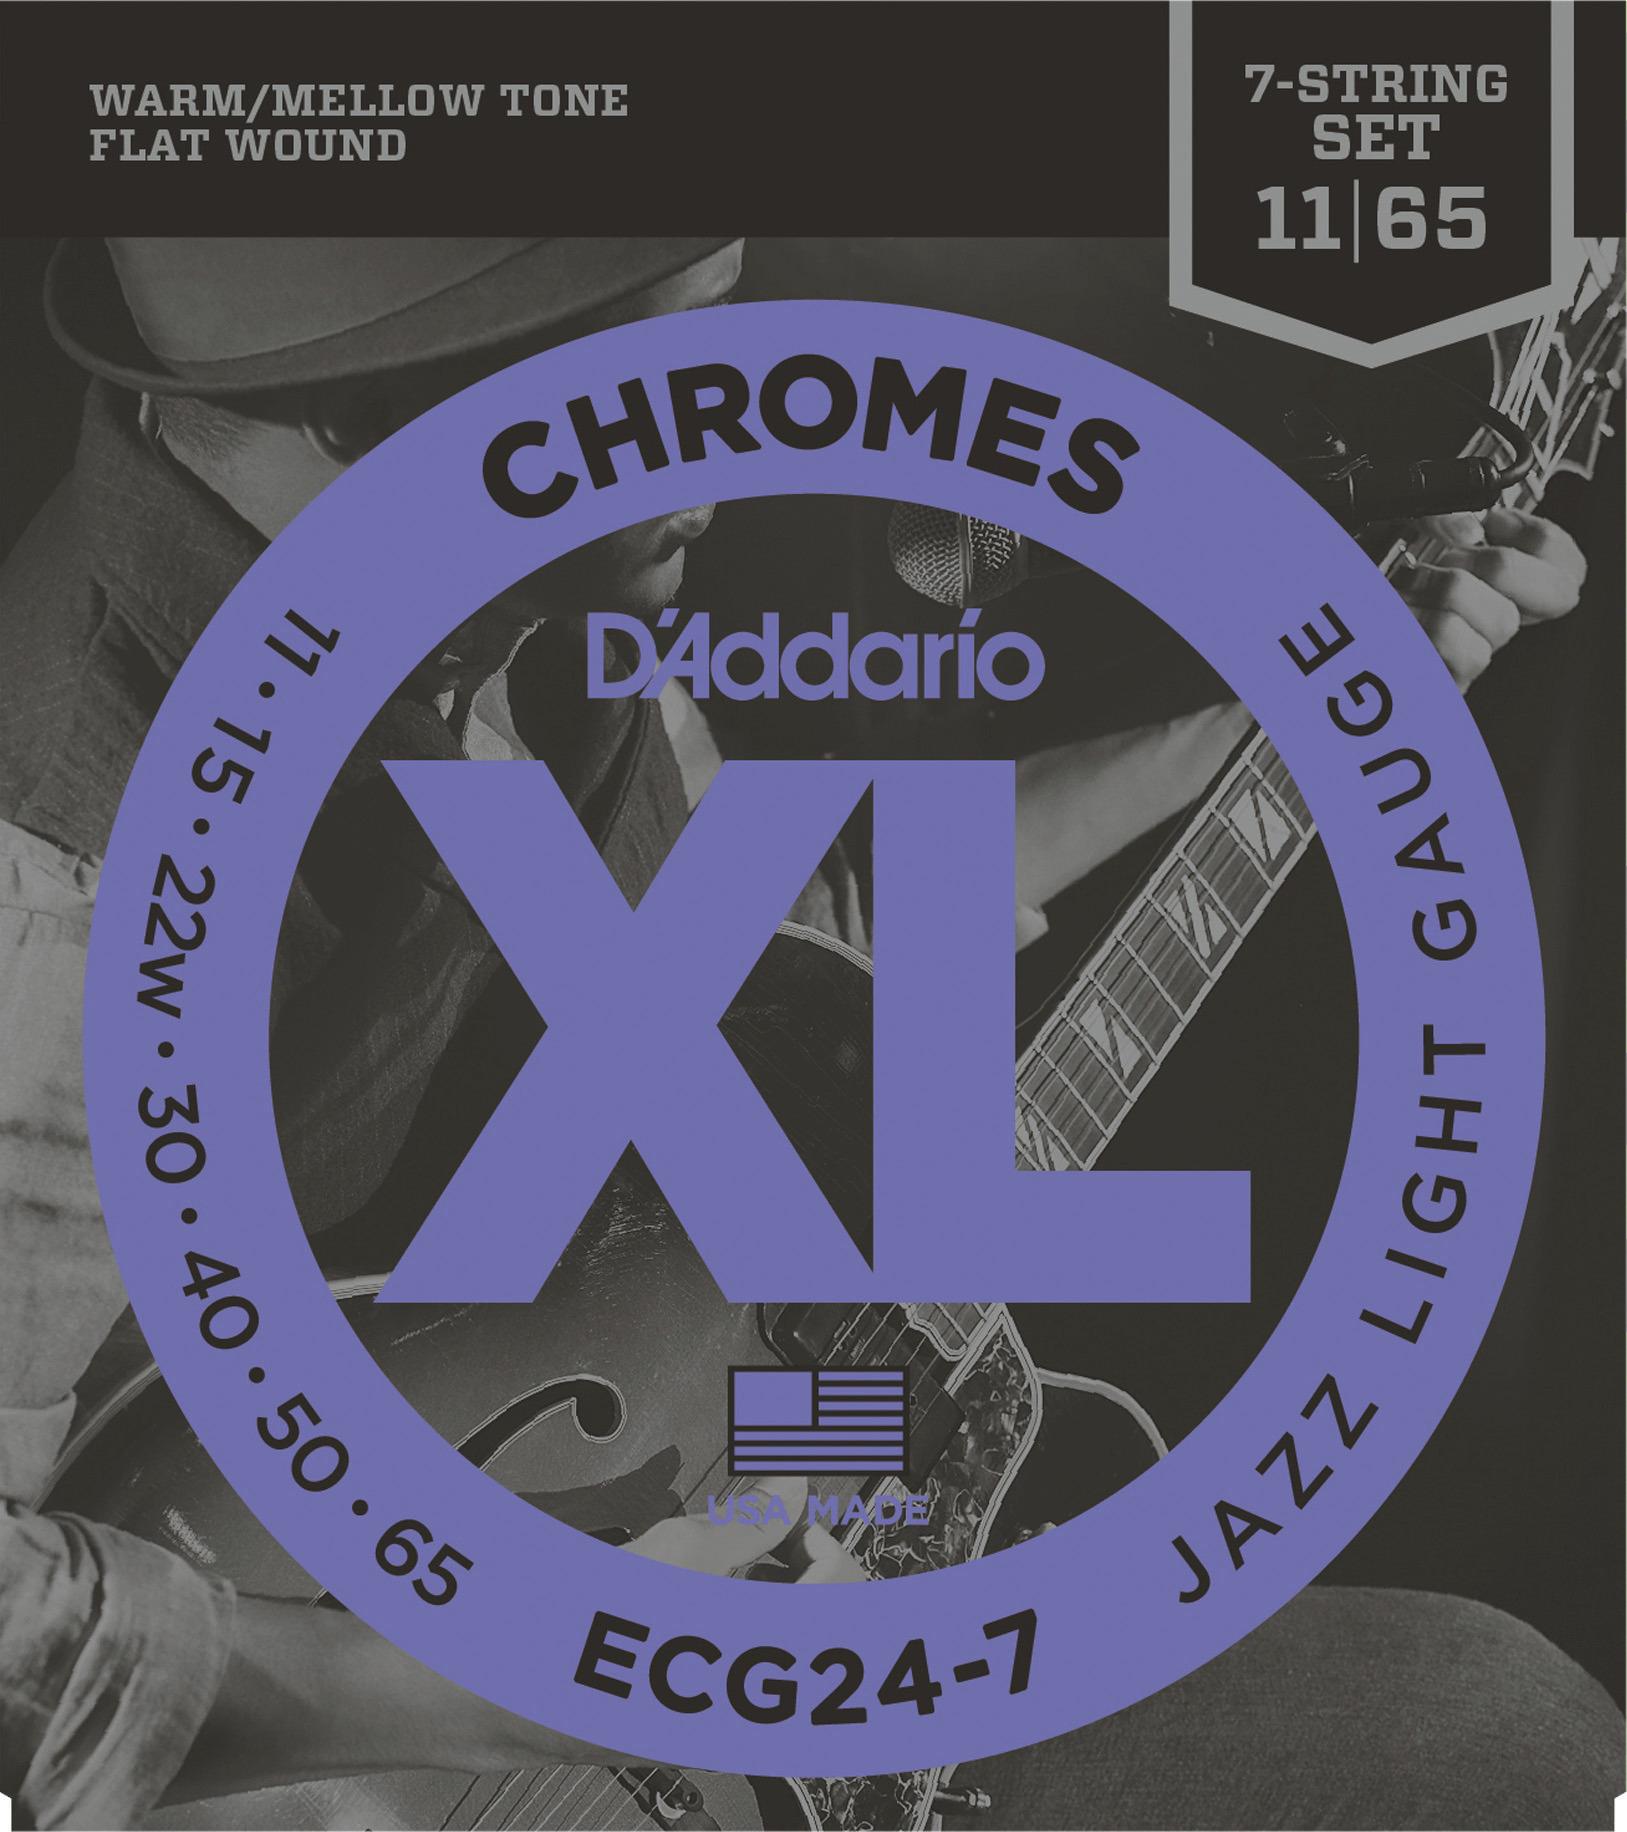 Daddario ECG24-7 Saitensatz für E-Gitarre 7-String